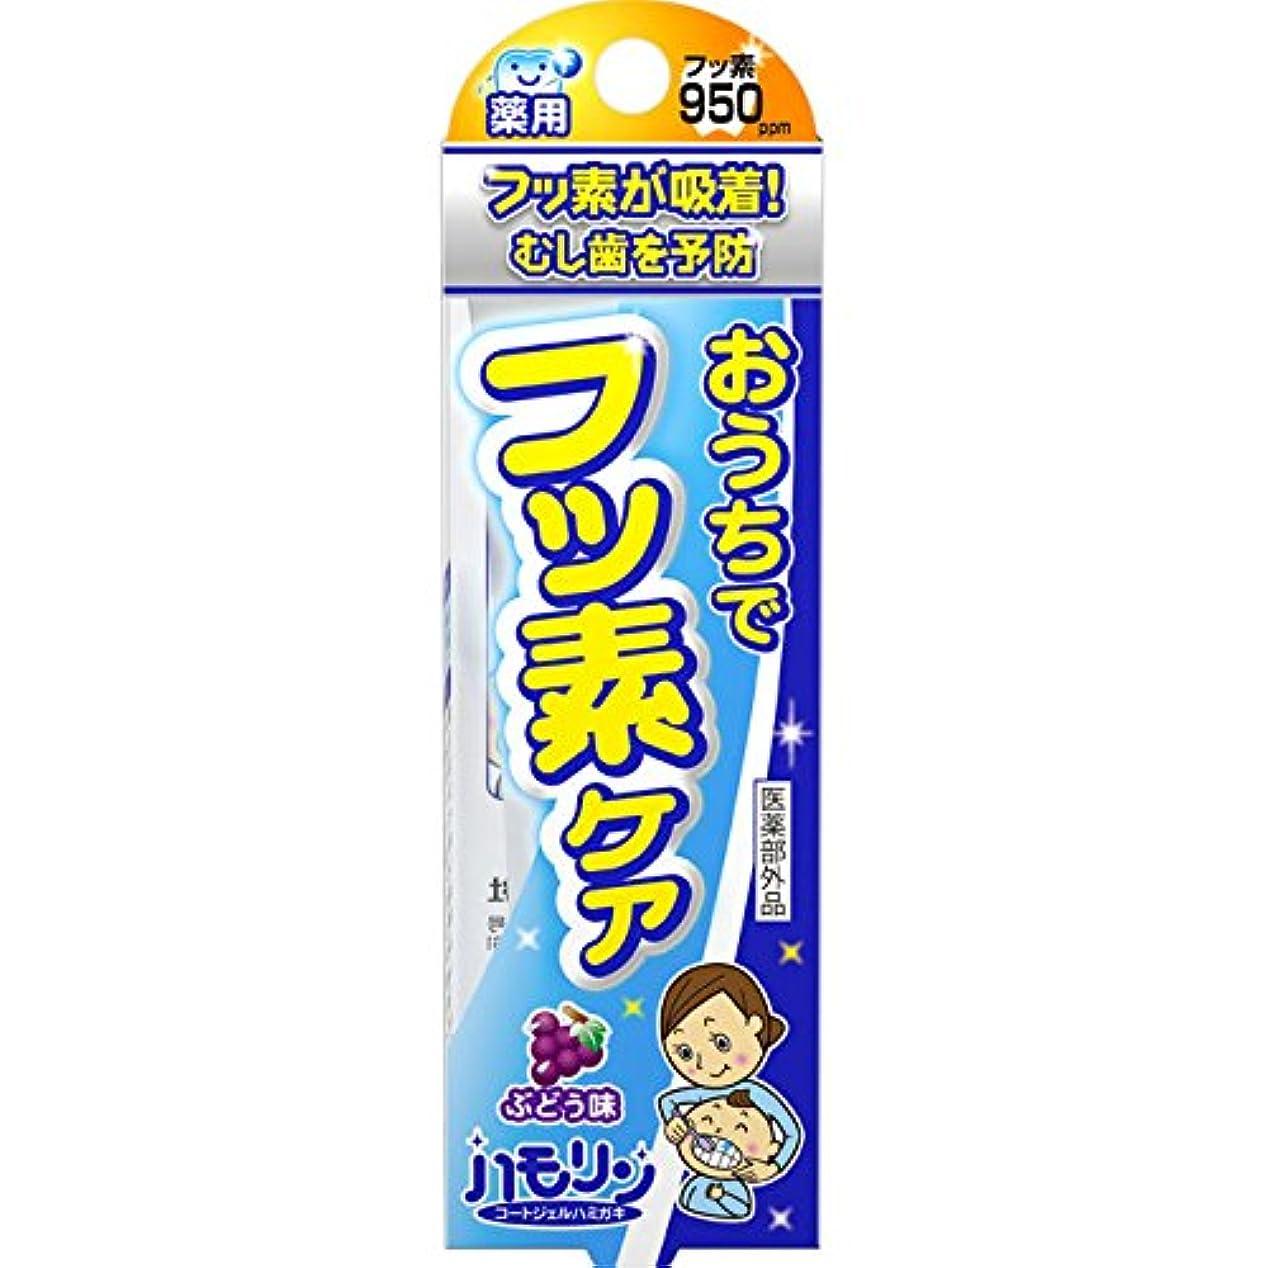 ナイロン超音速酸度丹平製薬 ハモリン ぶどう味 30g